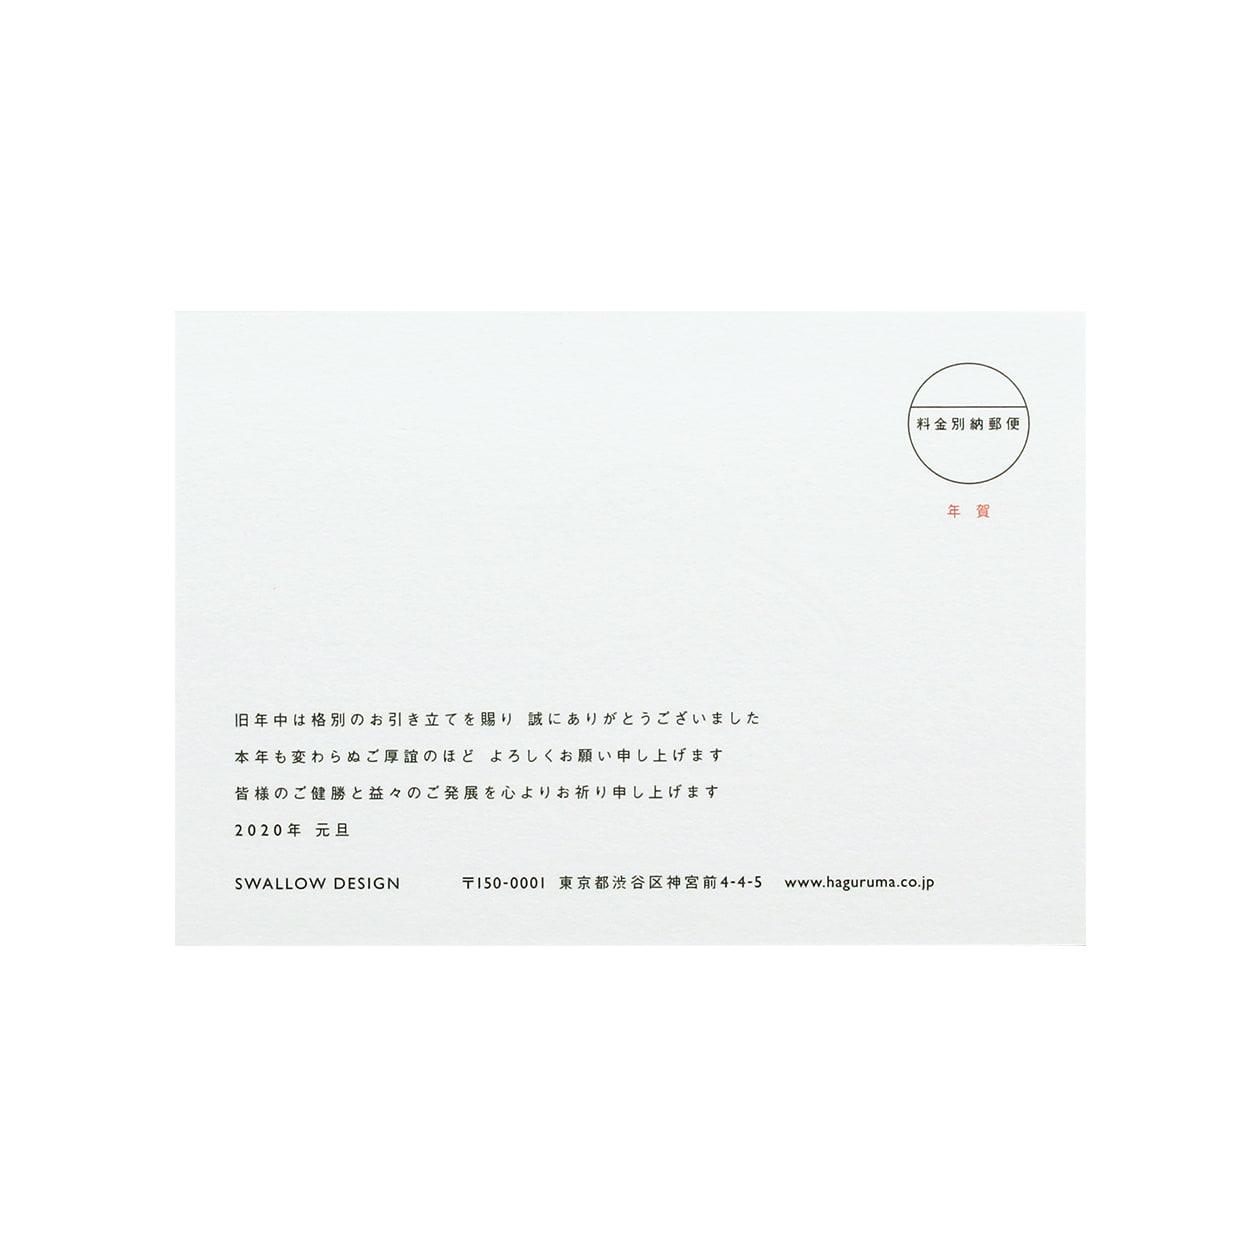 サンプル カード・シート 00382